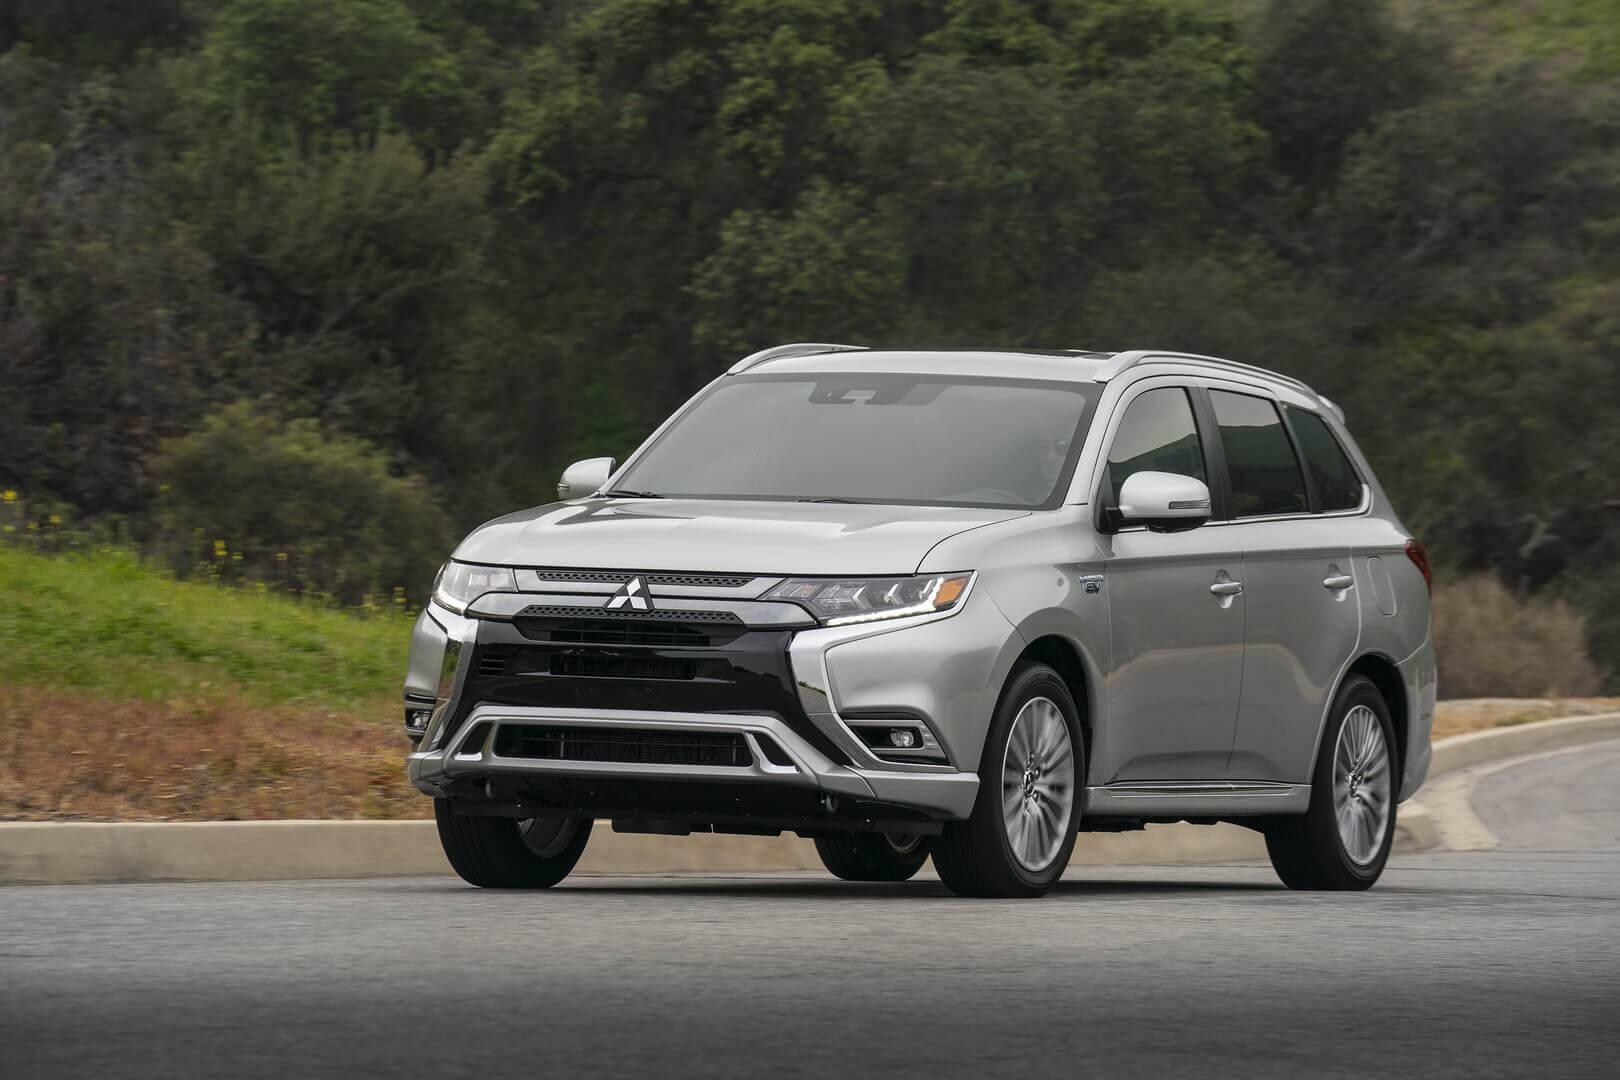 Mitsubishi обновил Outlander PHEV на 2021 год: больше мощности и электрического пробега